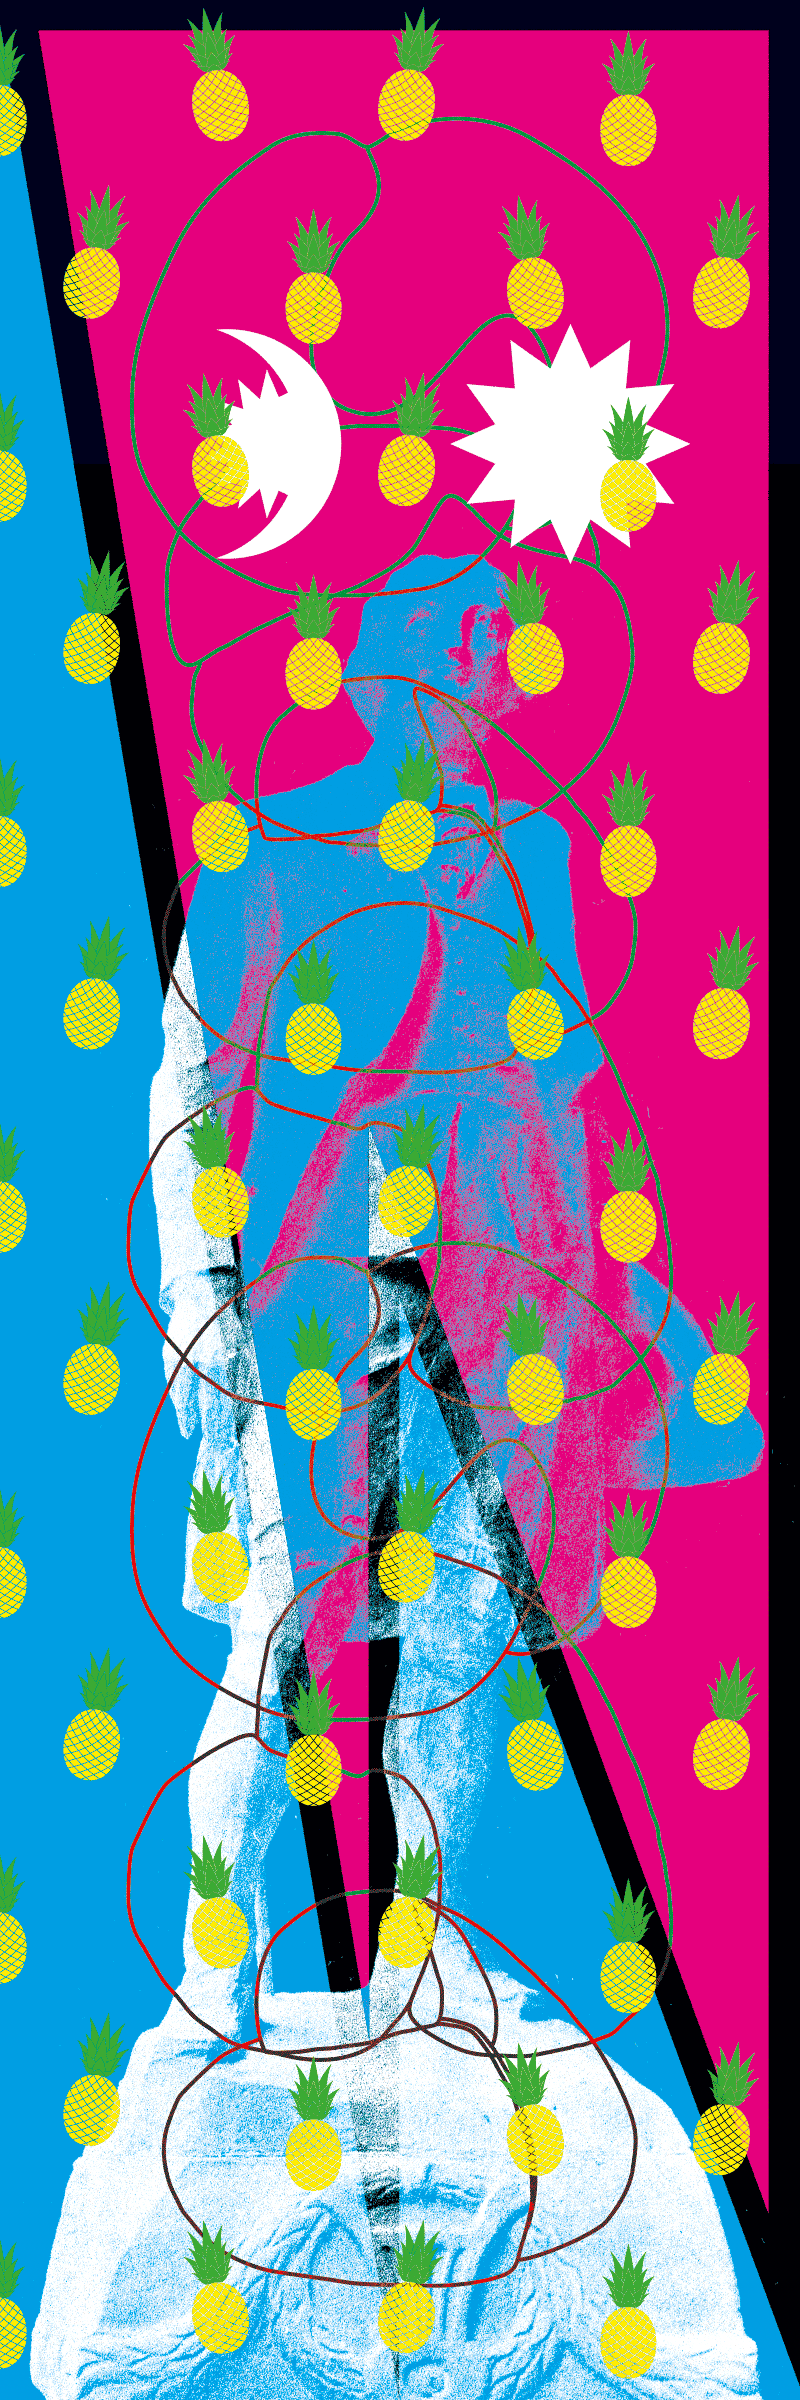 Oriflamme représentant le naturaliste Albrecht von Haller pour l'exposition «Morgenröte, aurora borealis and Levantin: into your solar plexus» organisée par Donatella Bernardi à la Kunsthalle Bern